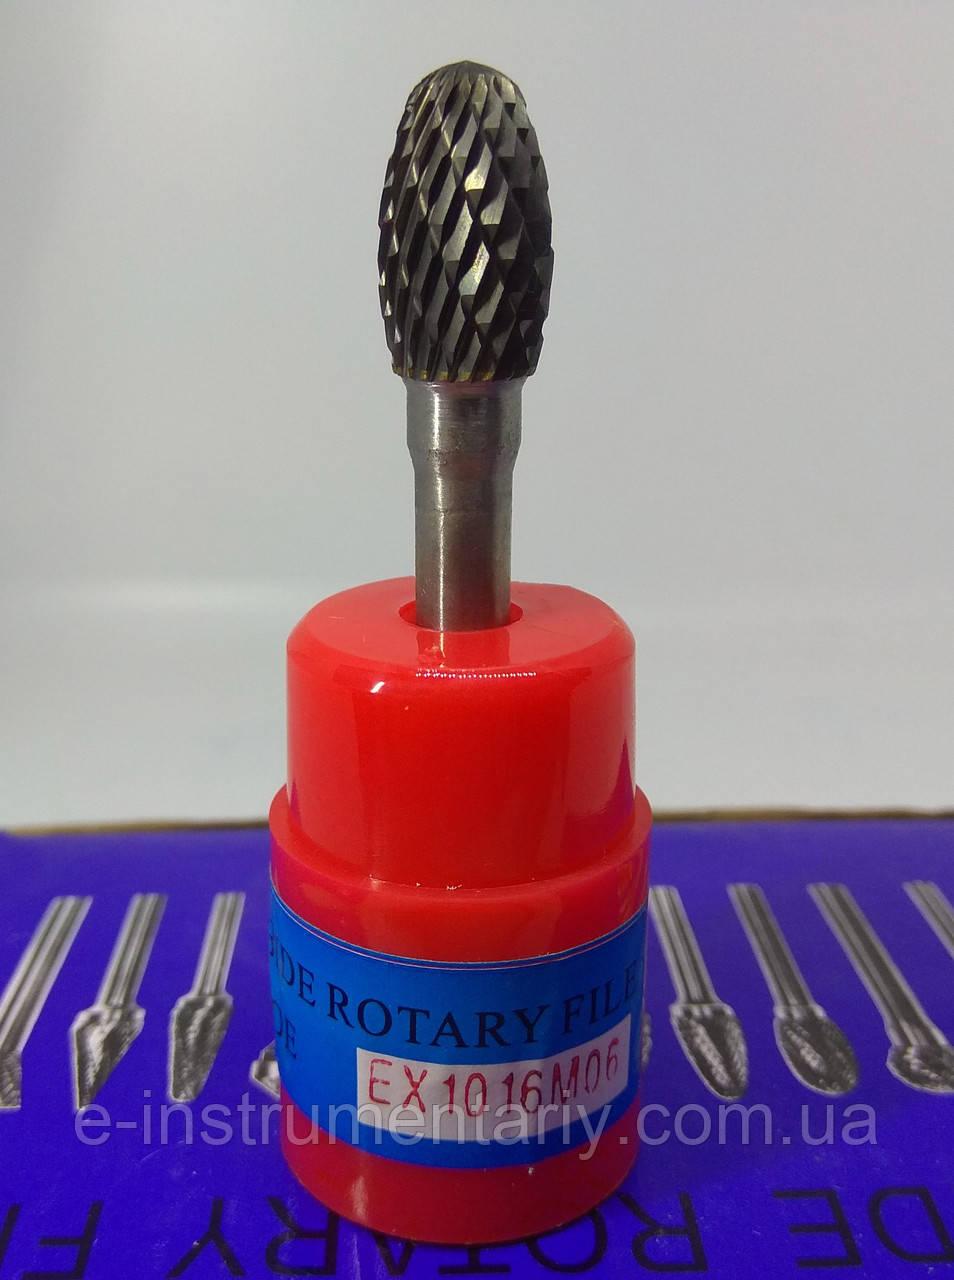 Борфреза овальная (EX) 10х16х6 твердосплавная